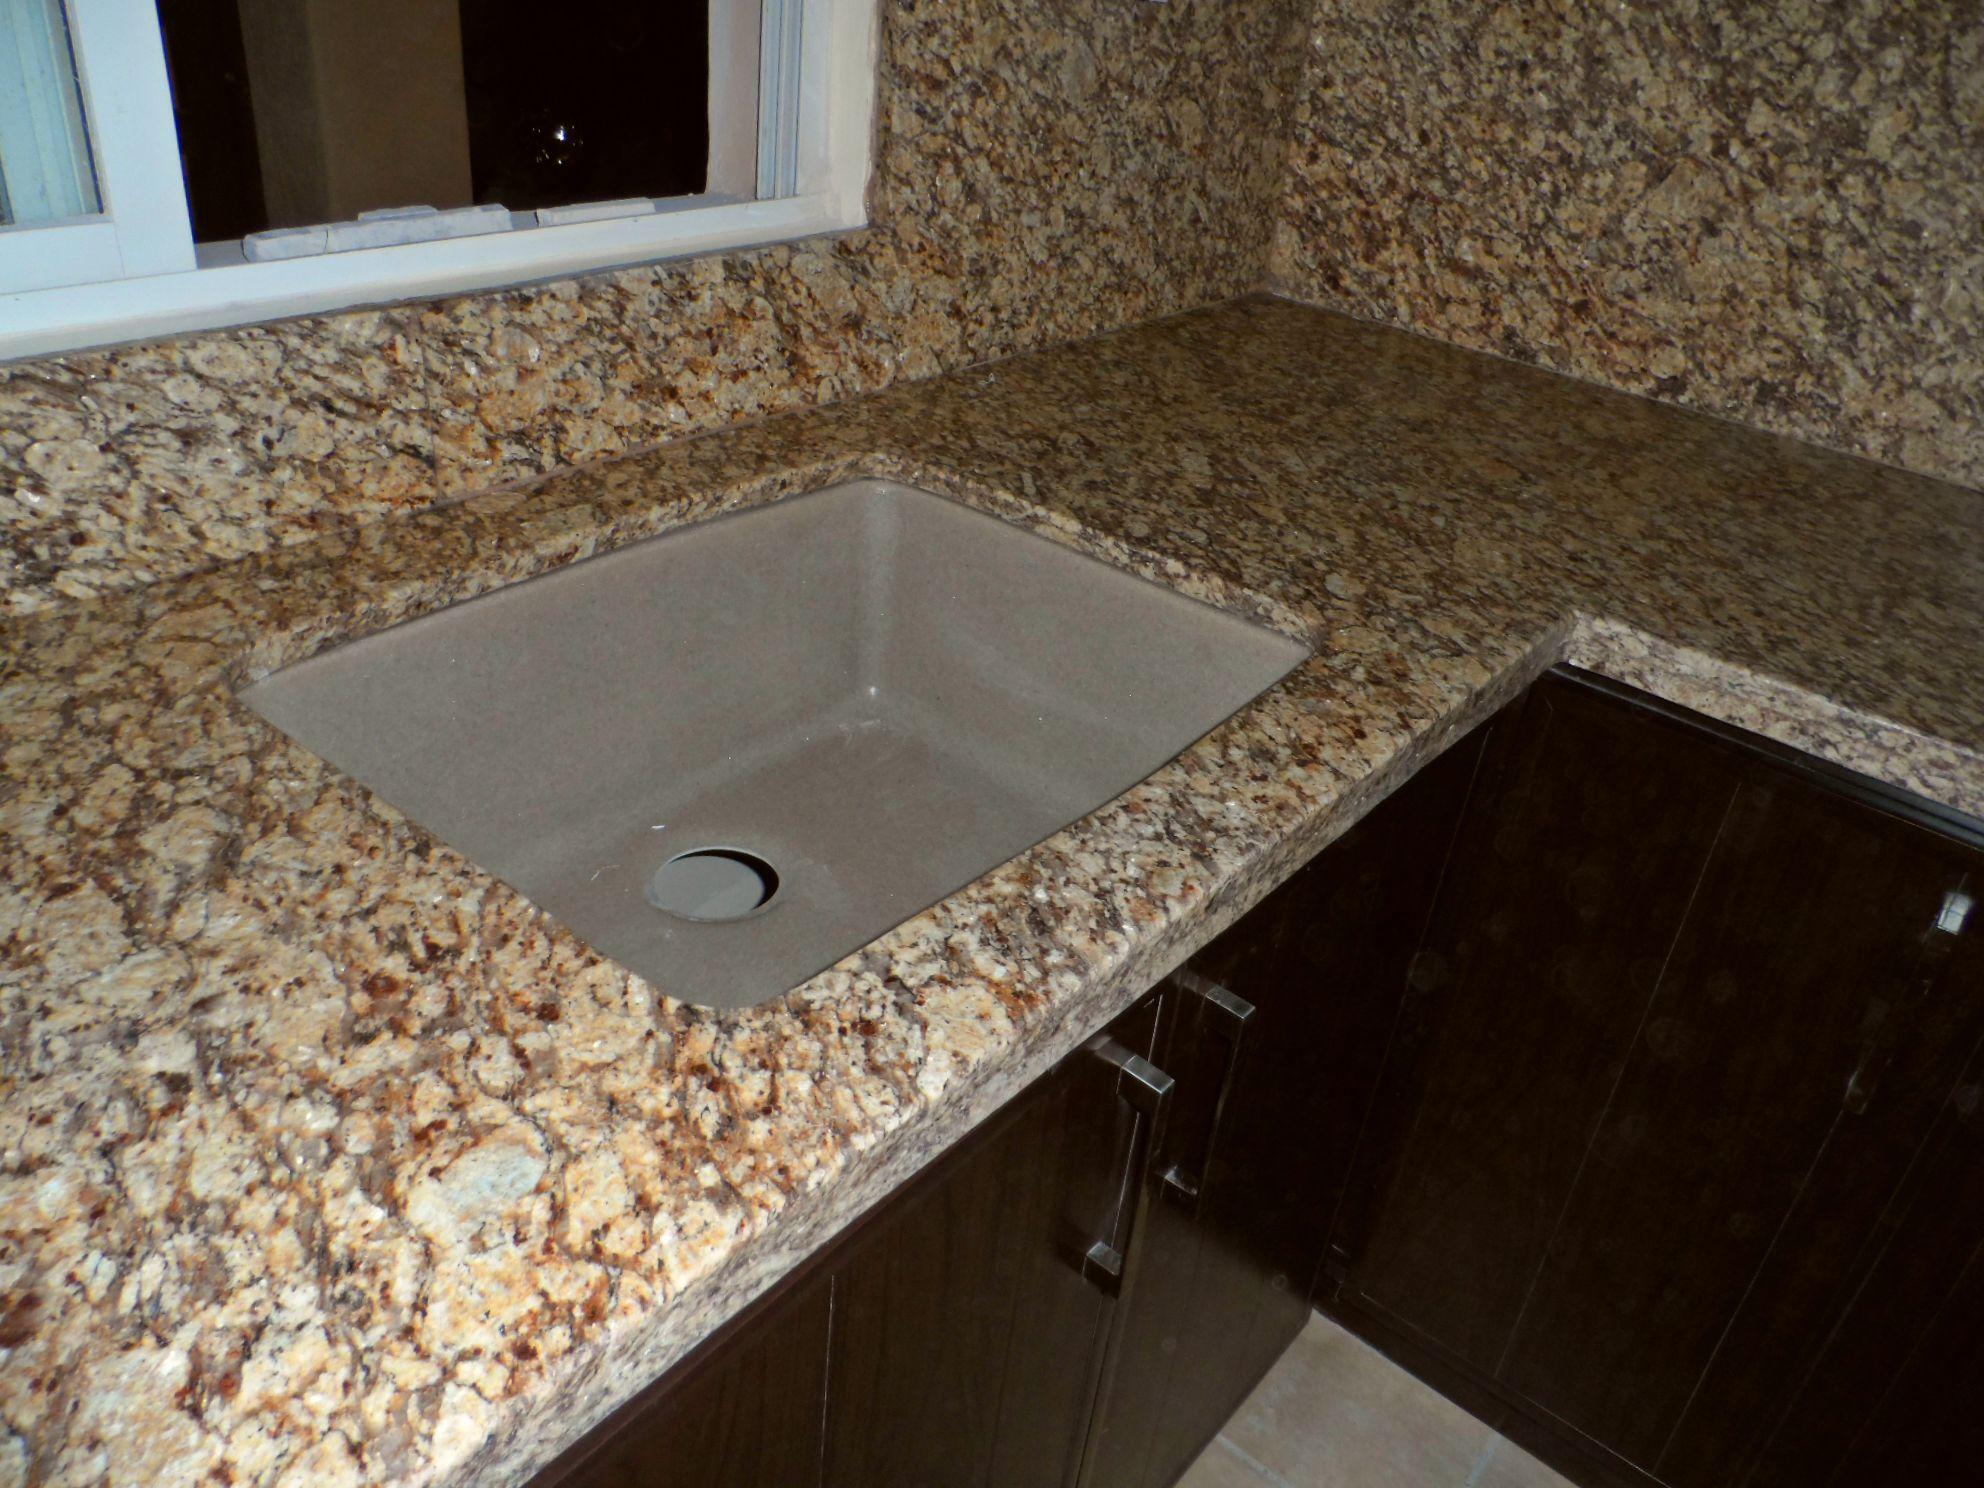 Granito para su cocina de pvc for Barras de granito para cocina